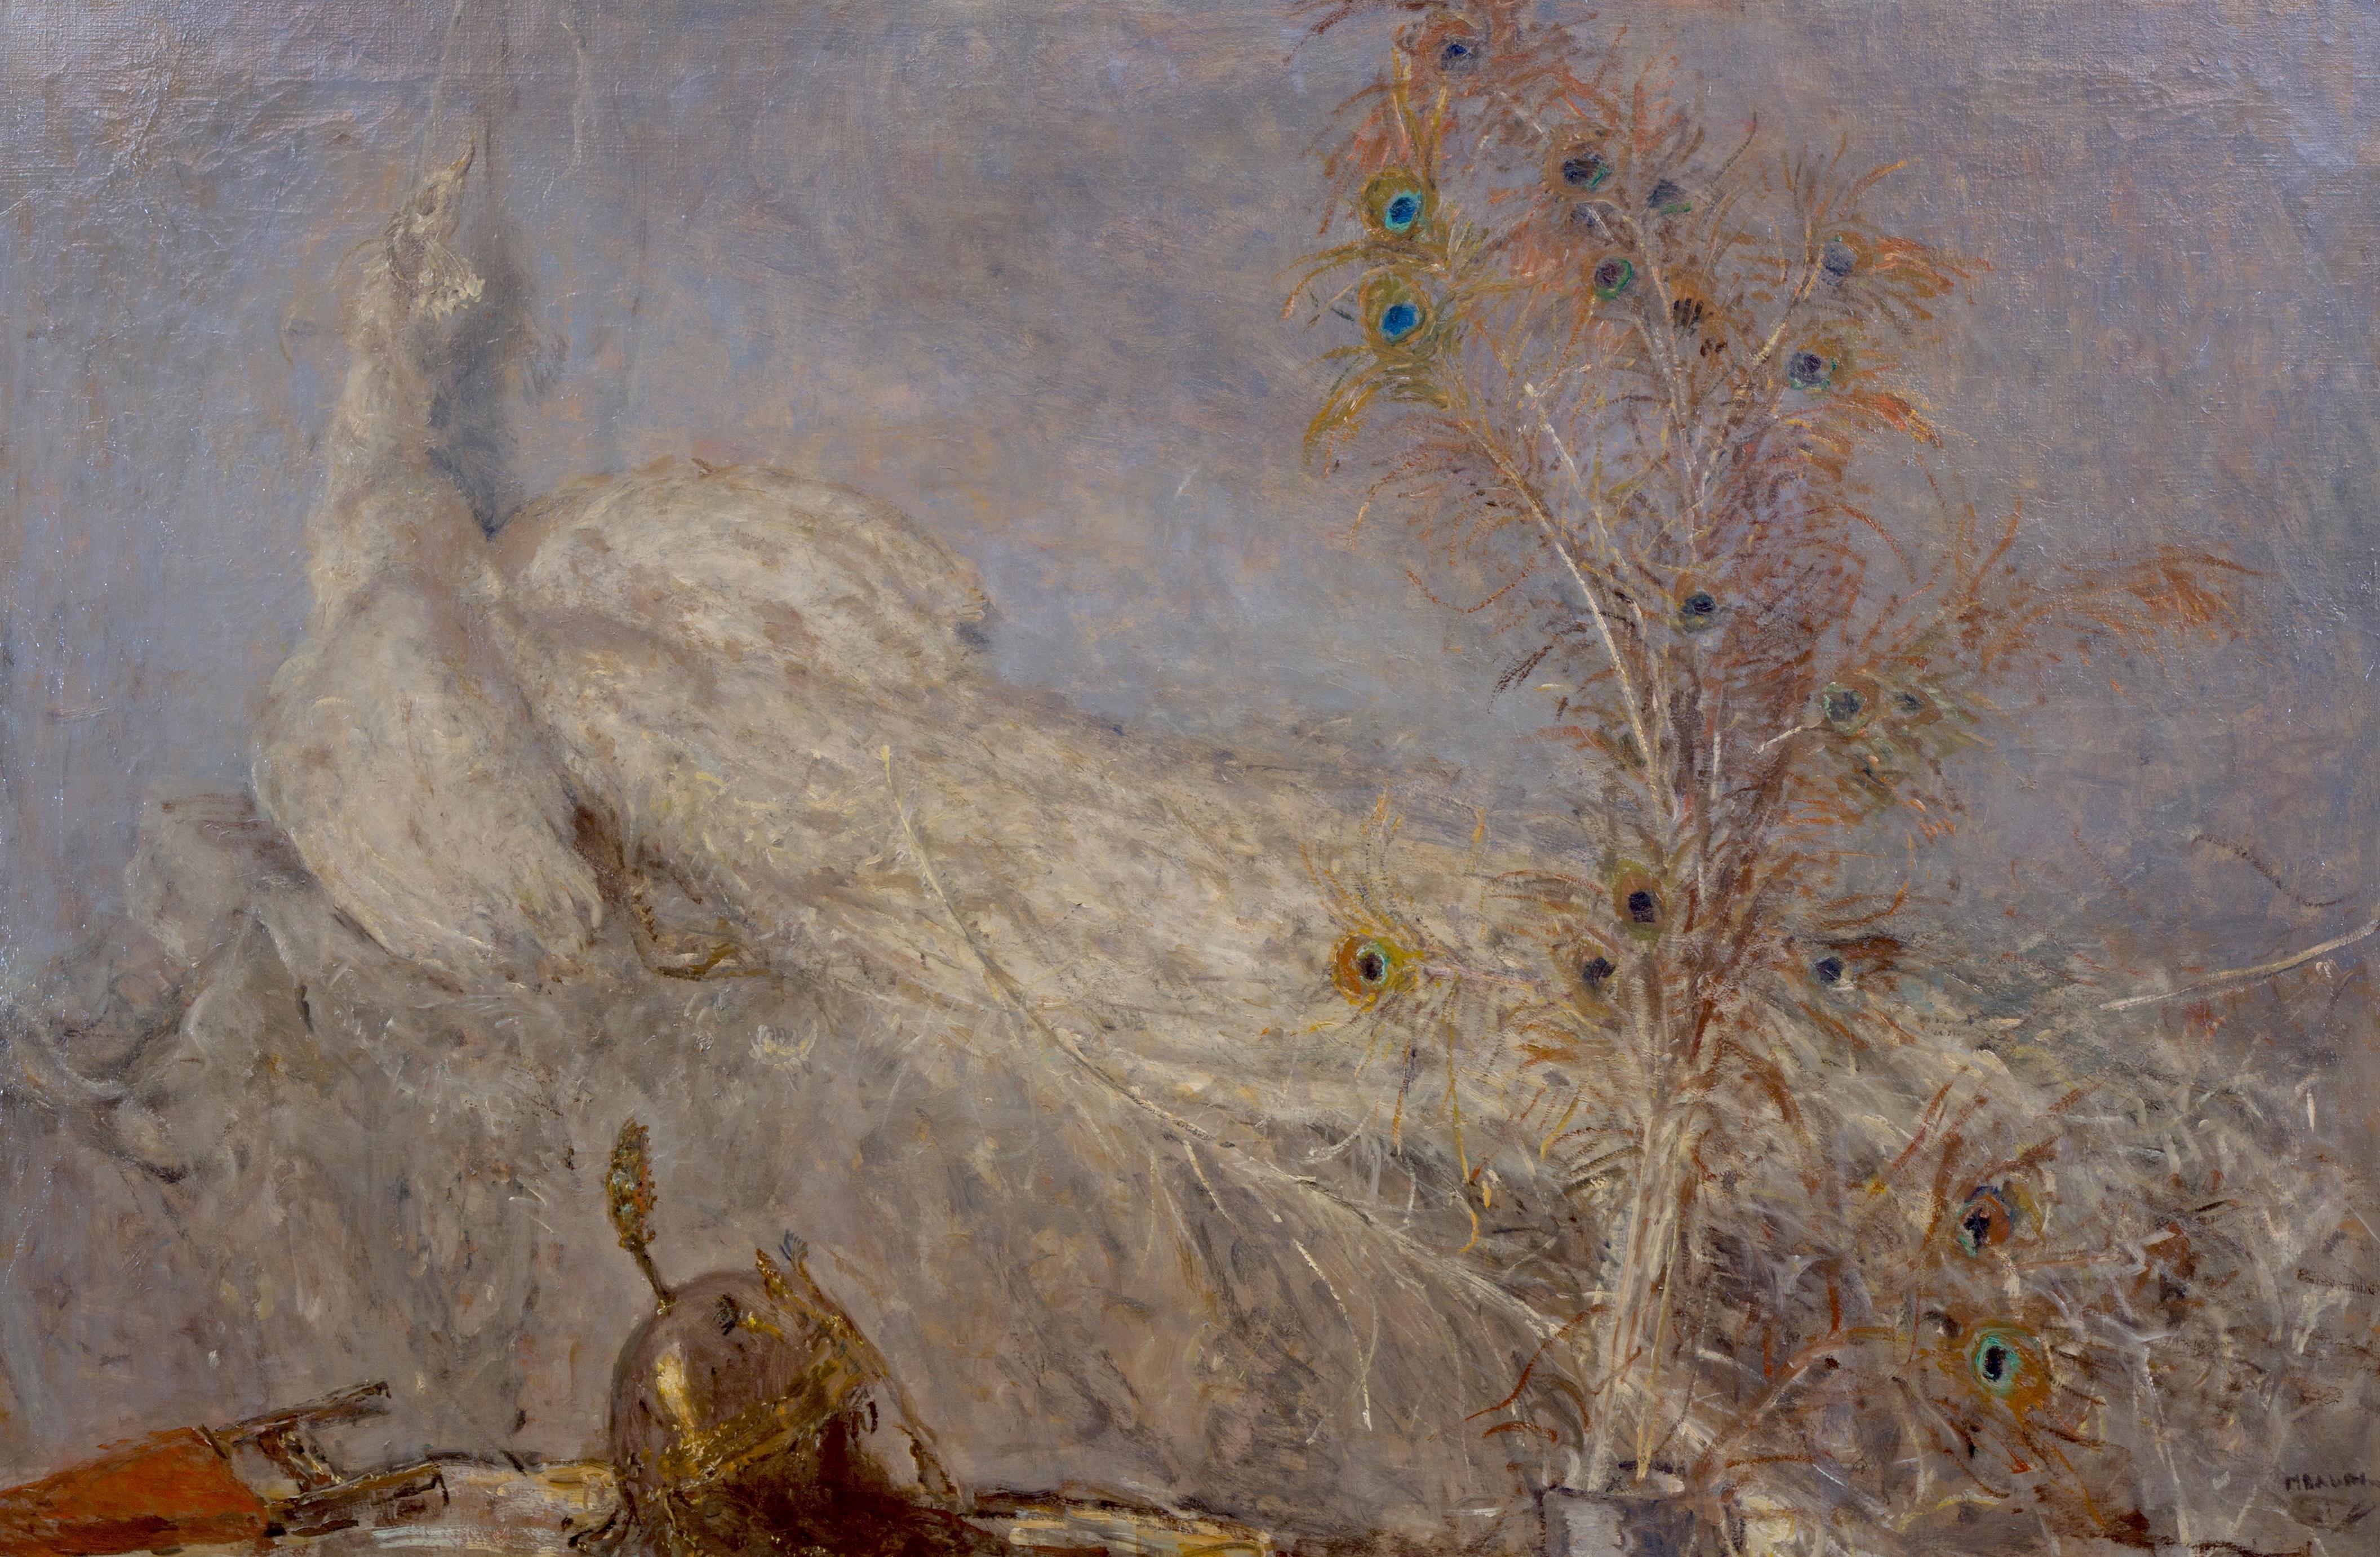 De witte pauw van Marius Bauer